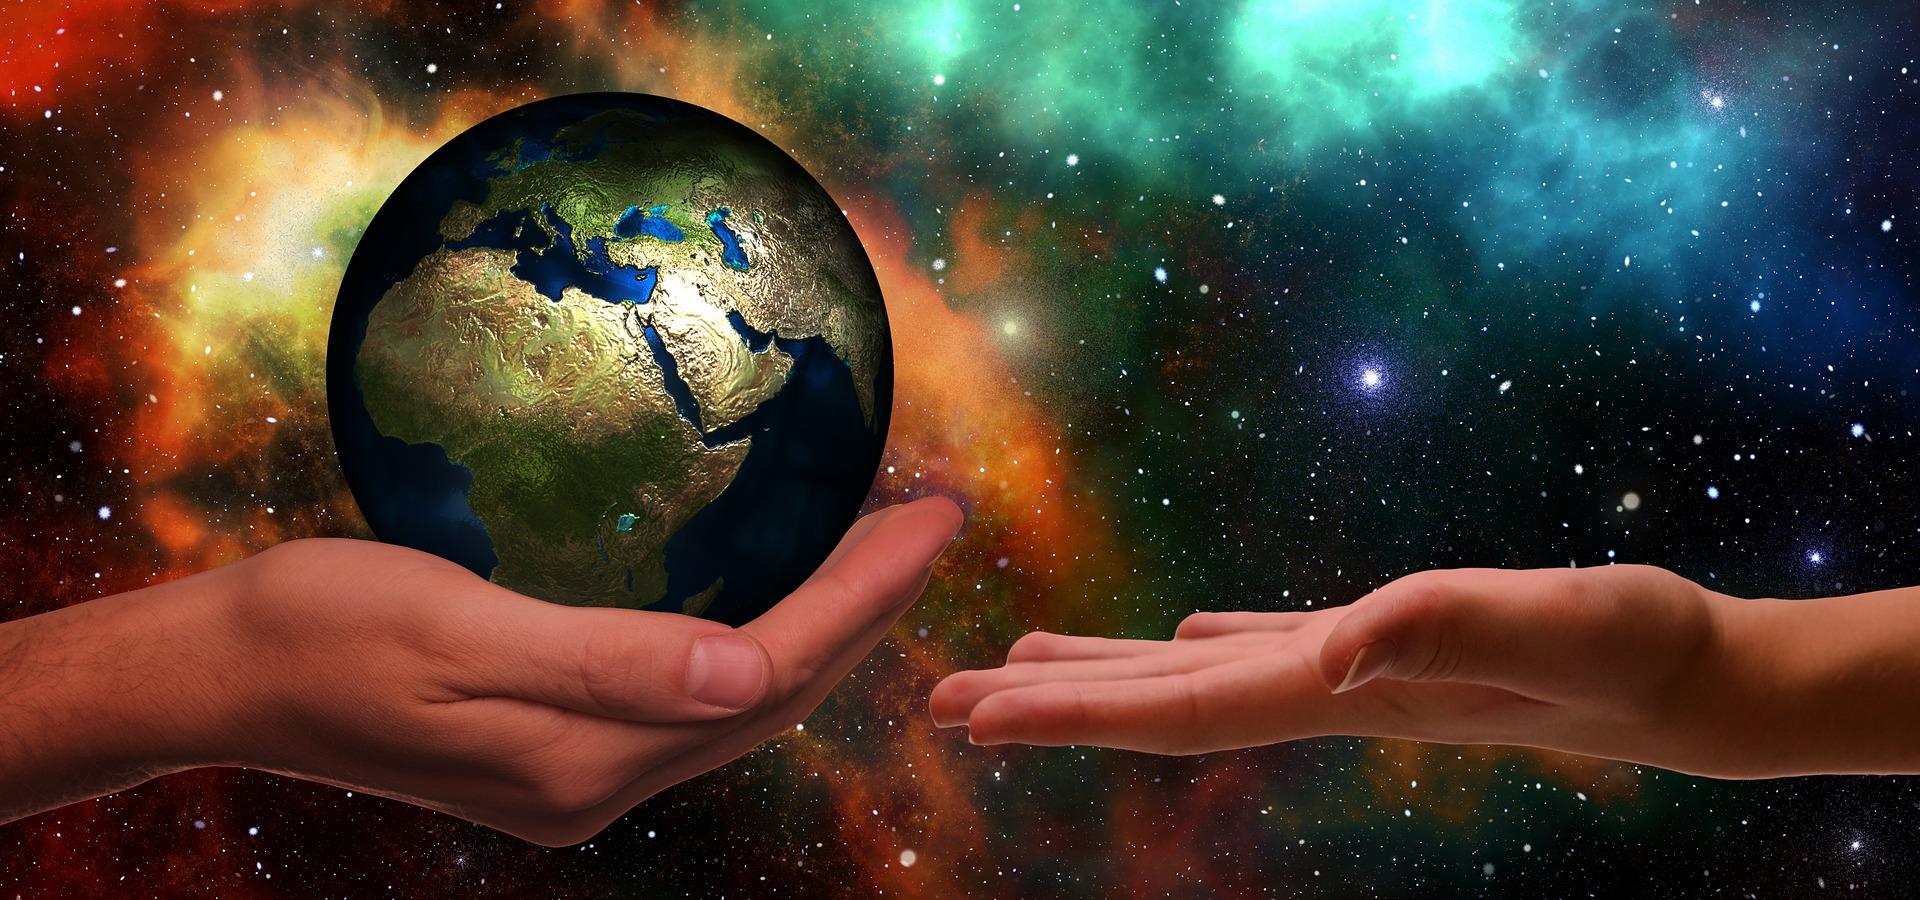 ricerca-scientifica-percorso-professionale-scienziato-etica-compromessi